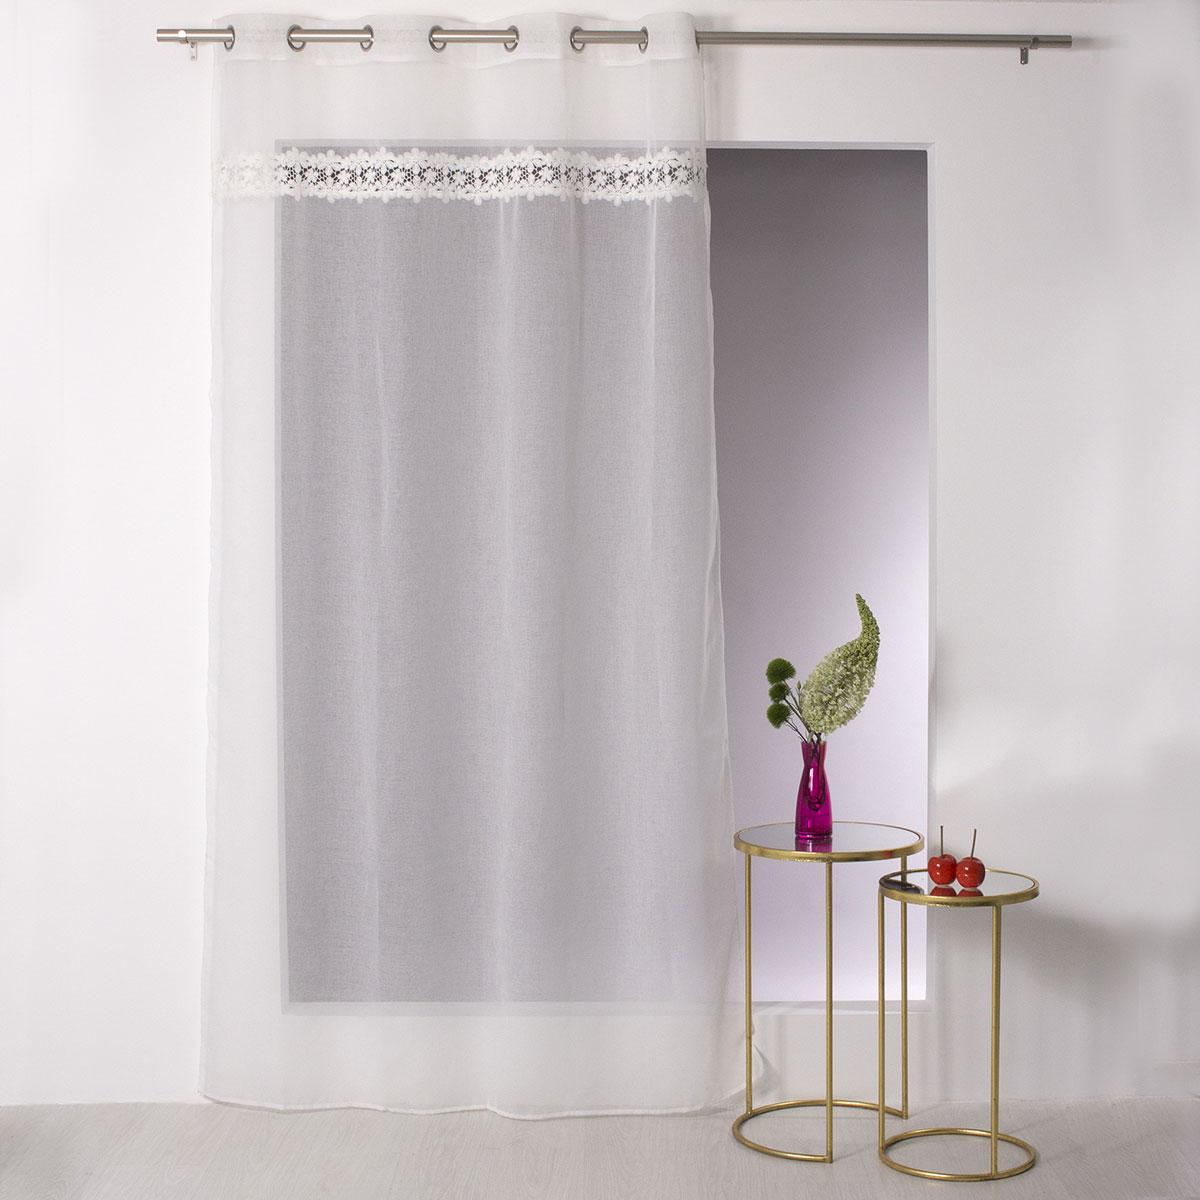 Voilage avec Bande Macramé Fleurs - Ivoire - 140 x 240 cm